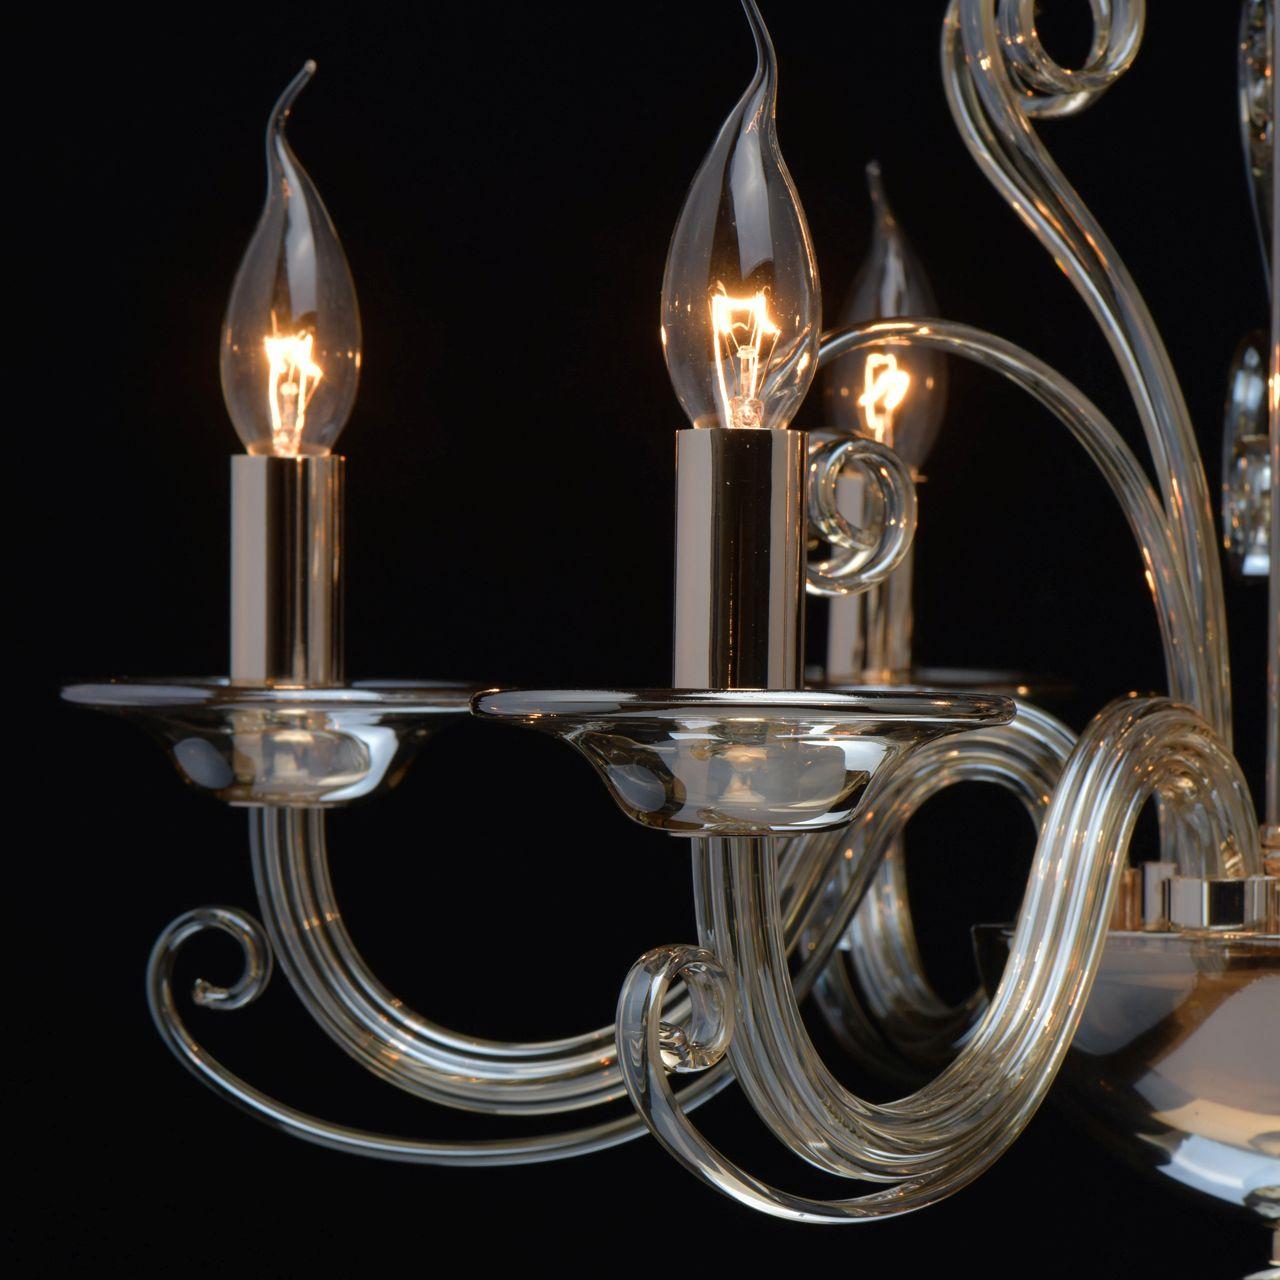 Vetro Lampadario 6-flammig Classico Elegante Entris Pranzo ...